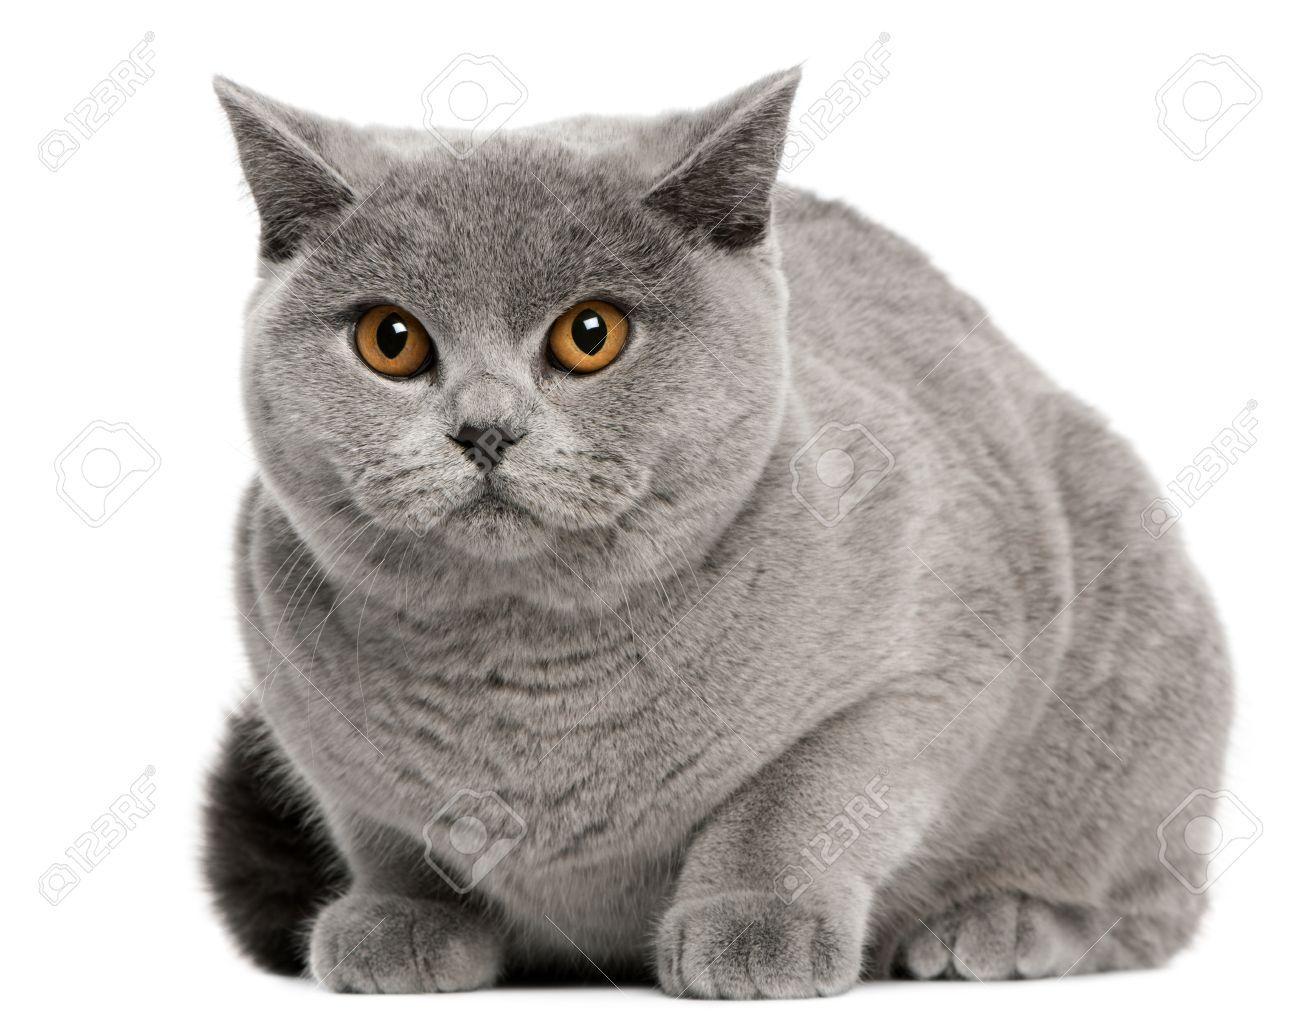 British Shorthair Cat Stock Photos Images Royalty Free British Shorthair Cat Images And Pic British Shorthair Cats British Shorthair Most Beautiful Cat Breeds